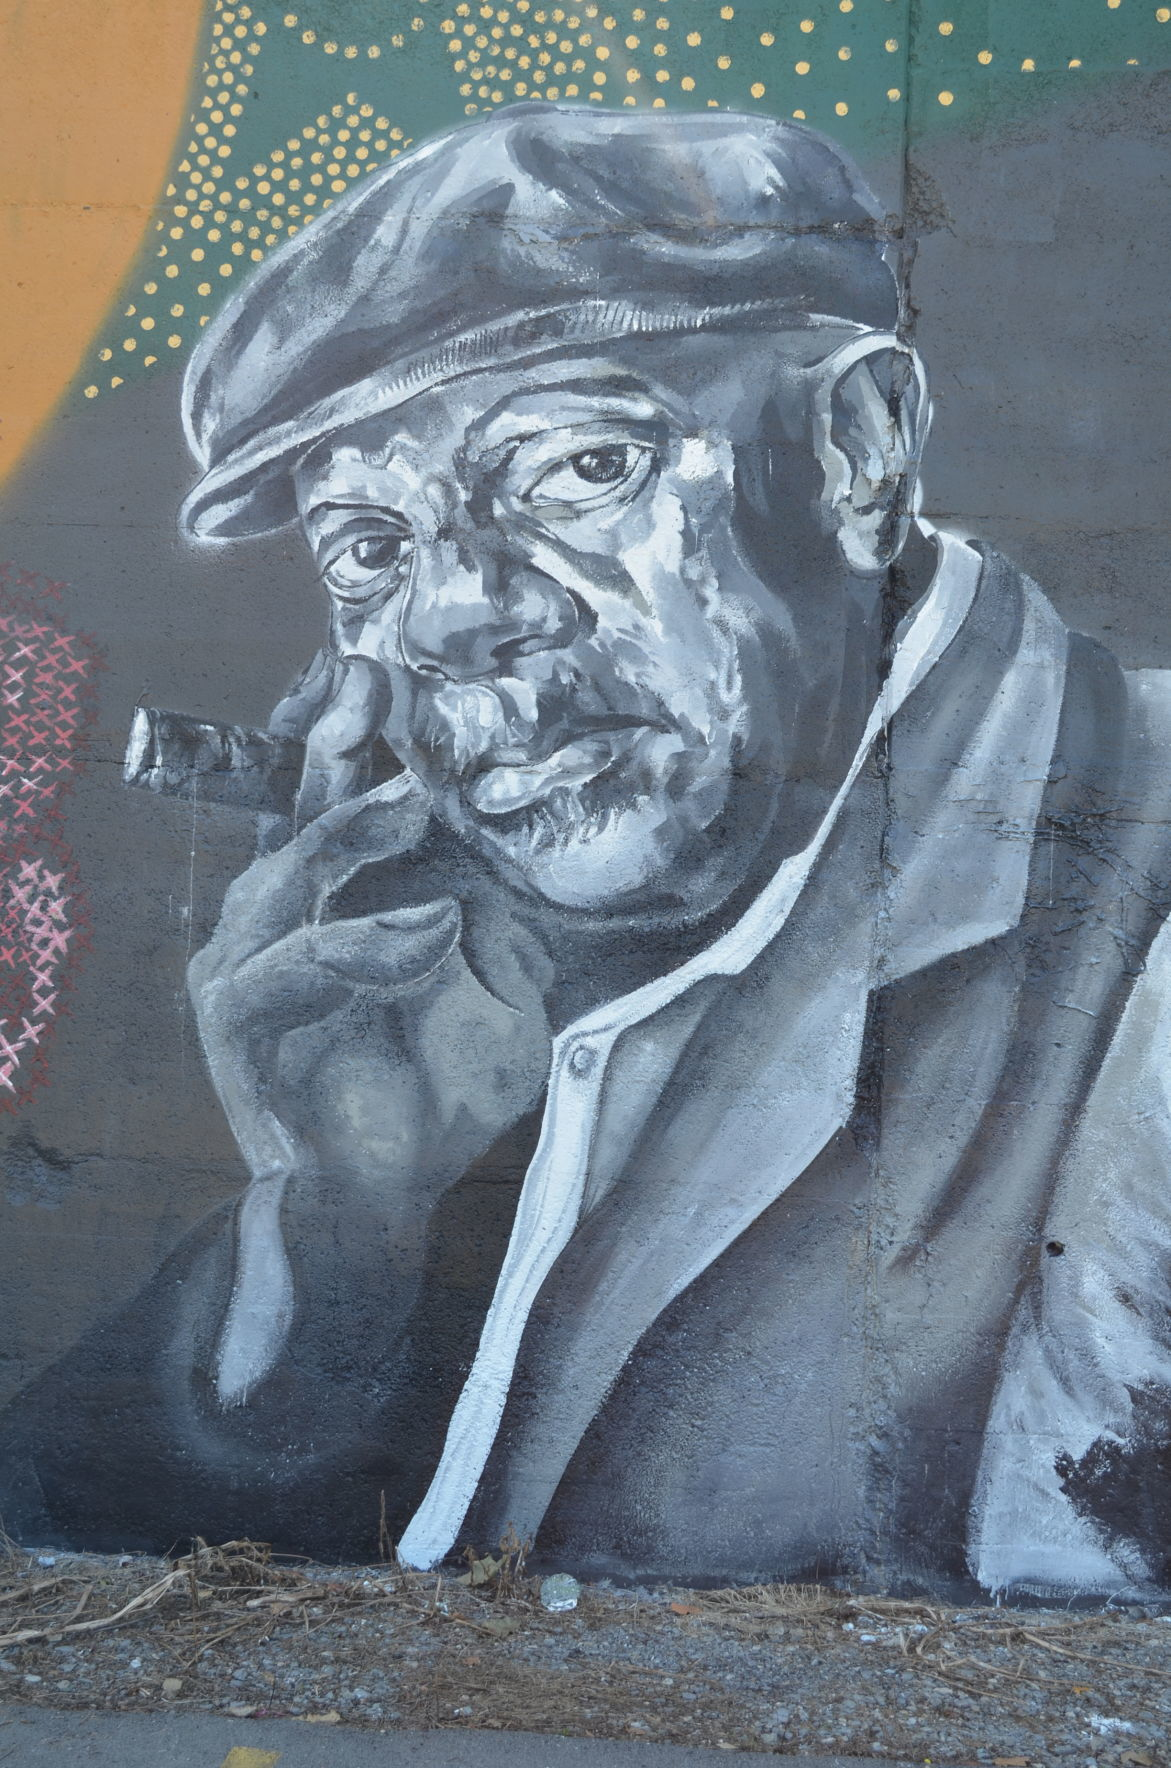 Johnnie Johnson mural